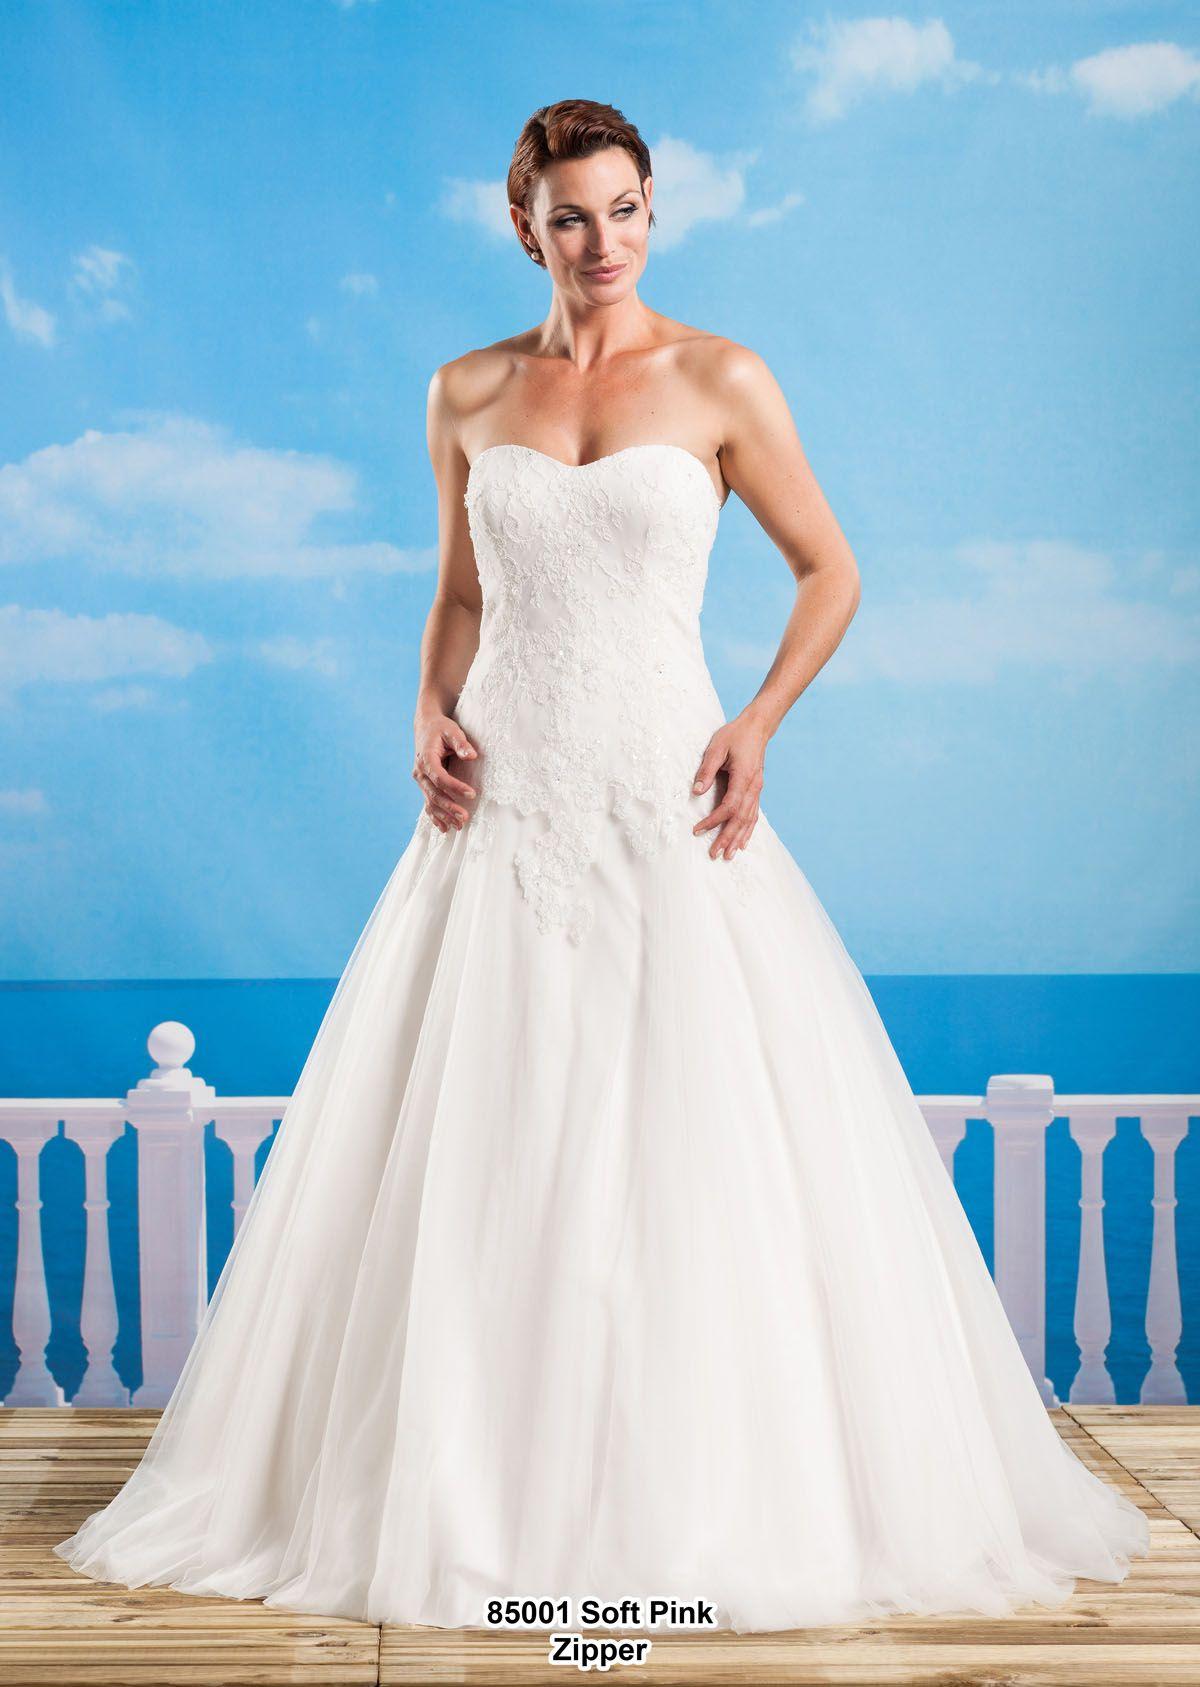 Tolle Brautkleider Poole Zeitgenössisch - Brautkleider Ideen ...